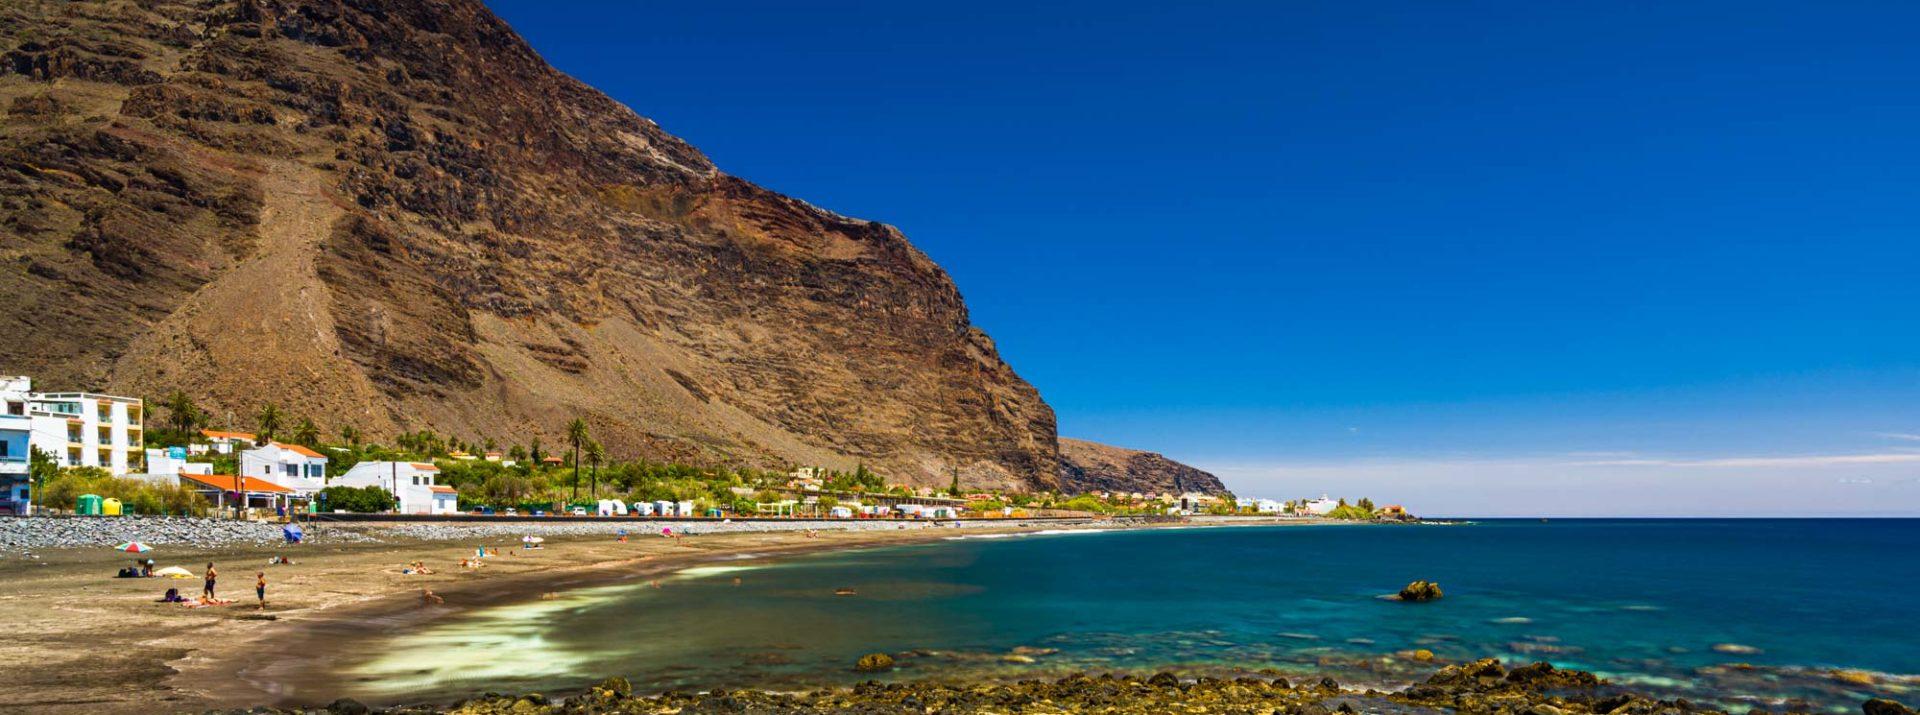 Playa de La Calera, Valle Gran Rey, © Luis M. Anibarro